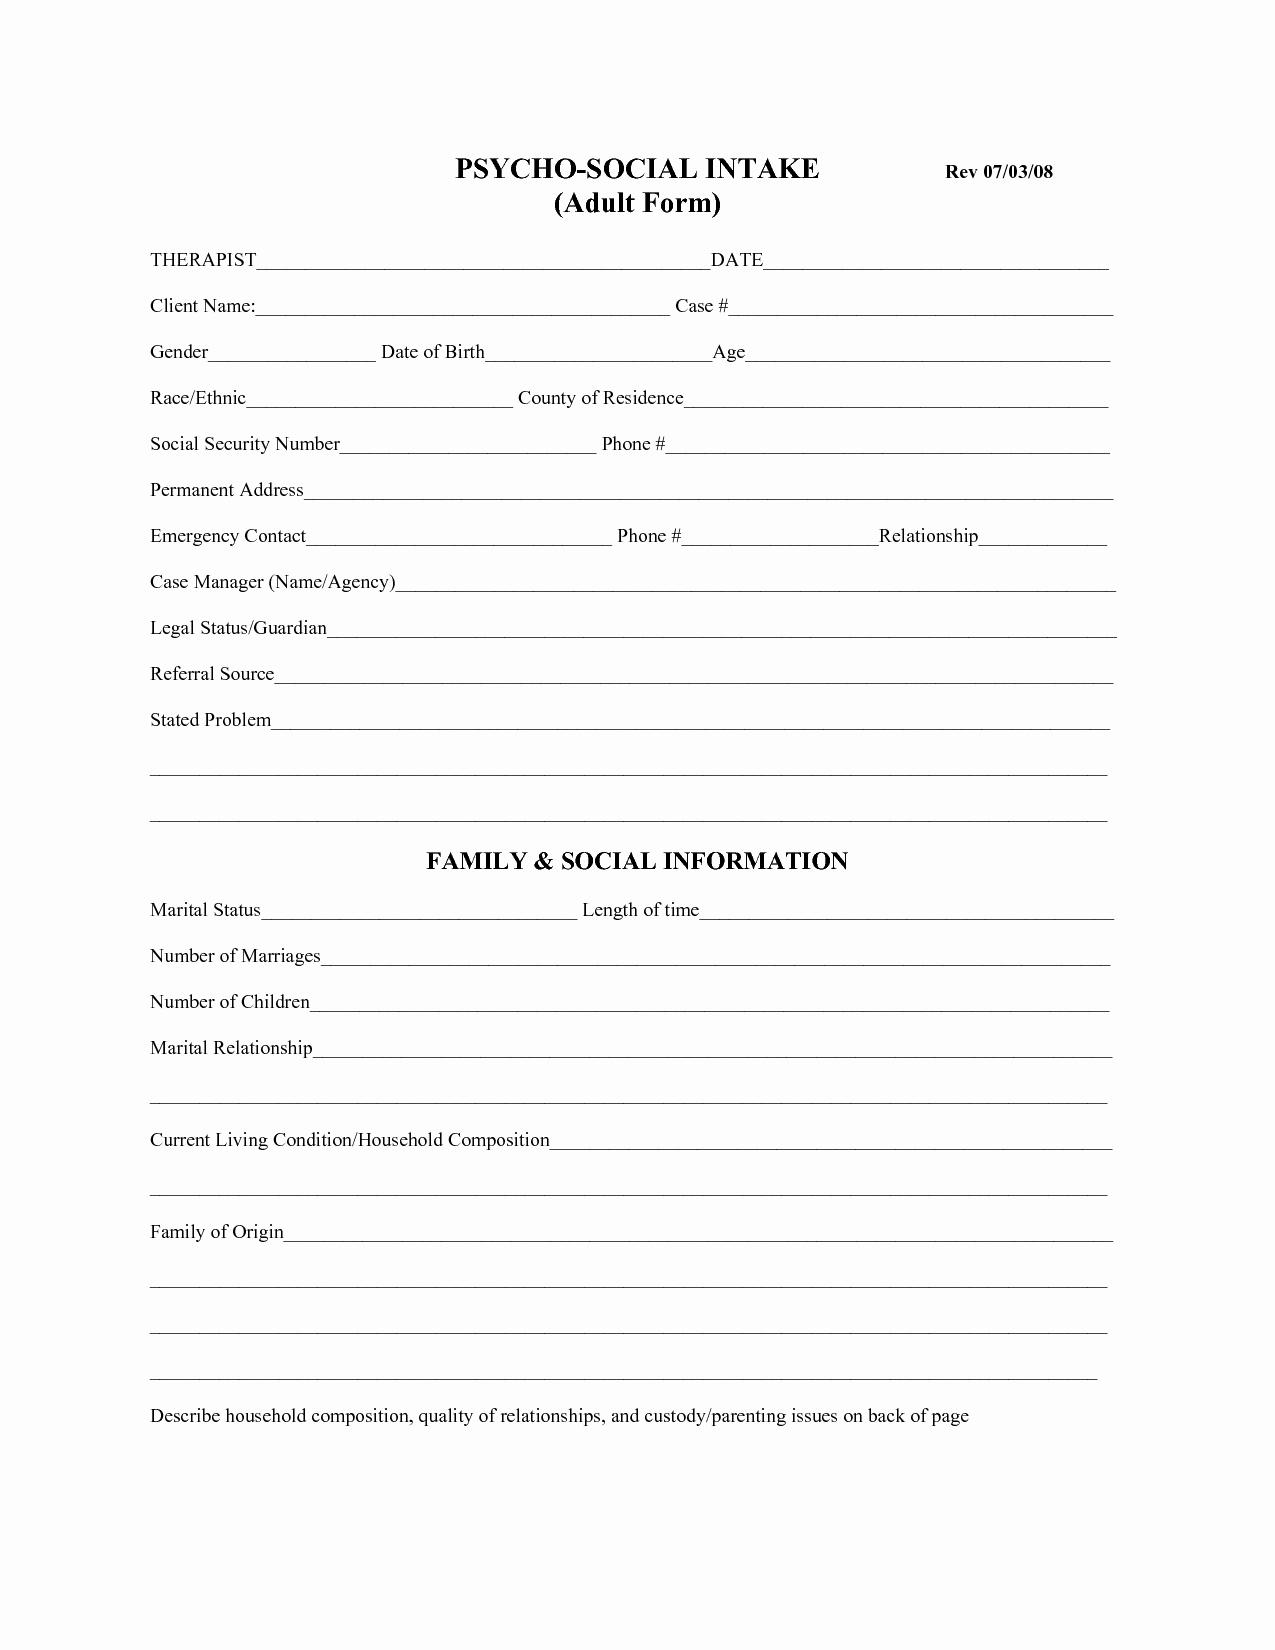 Social Work assessment form Fresh Best S Of social Work Client assessment forms